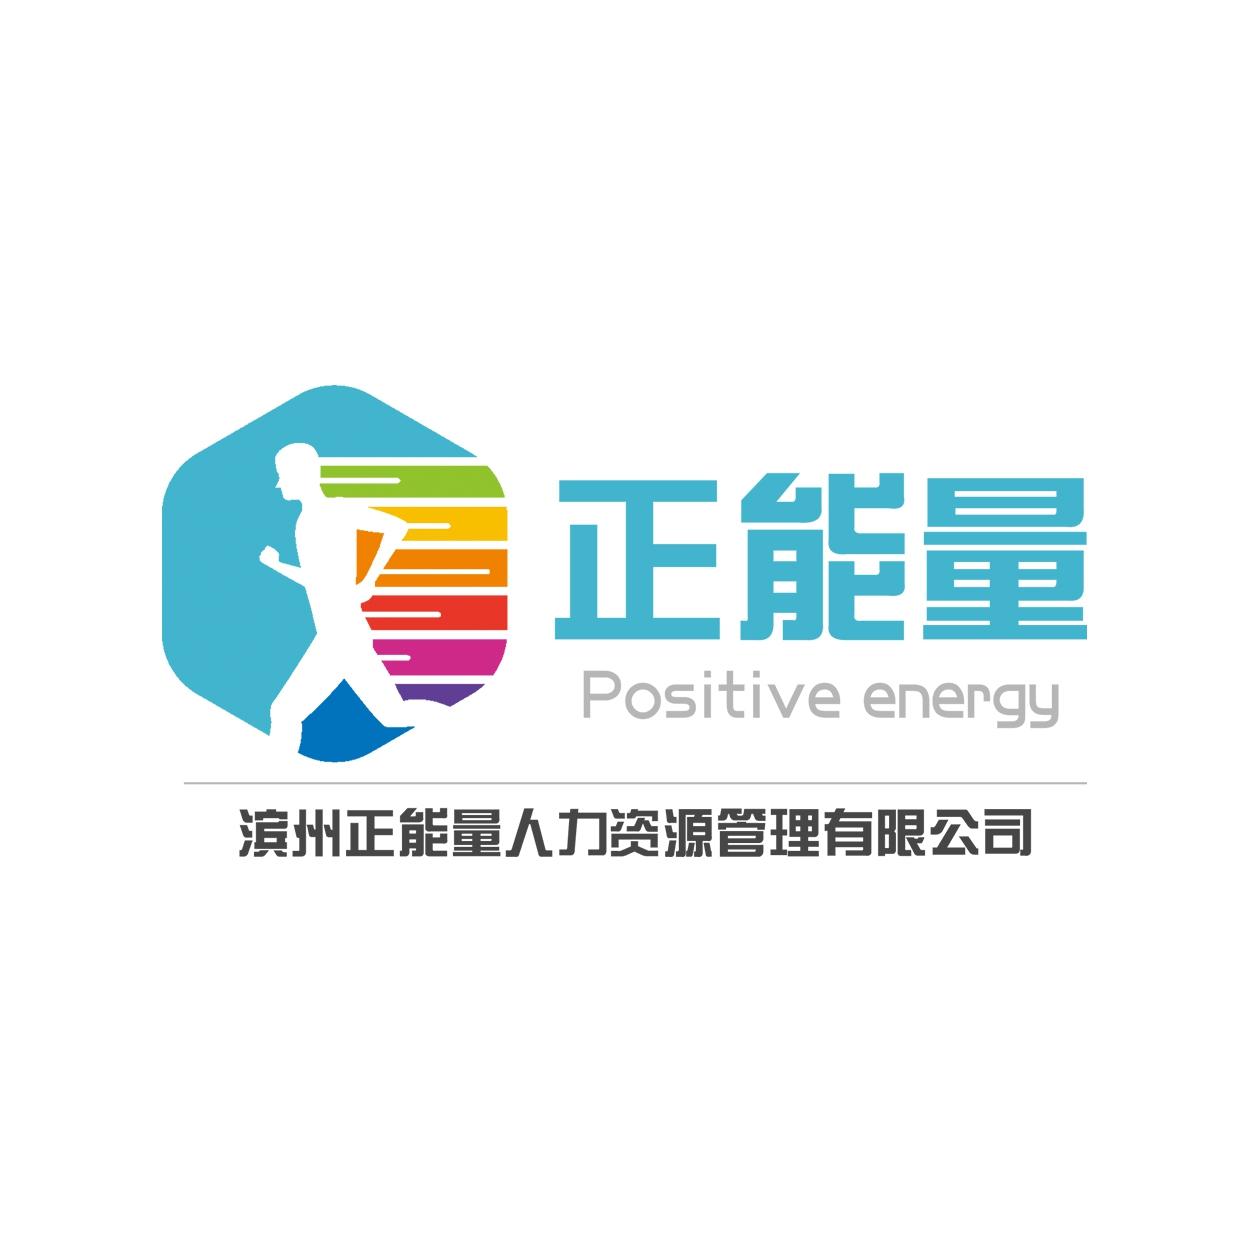 滨州正能量人力资源管理有限公司